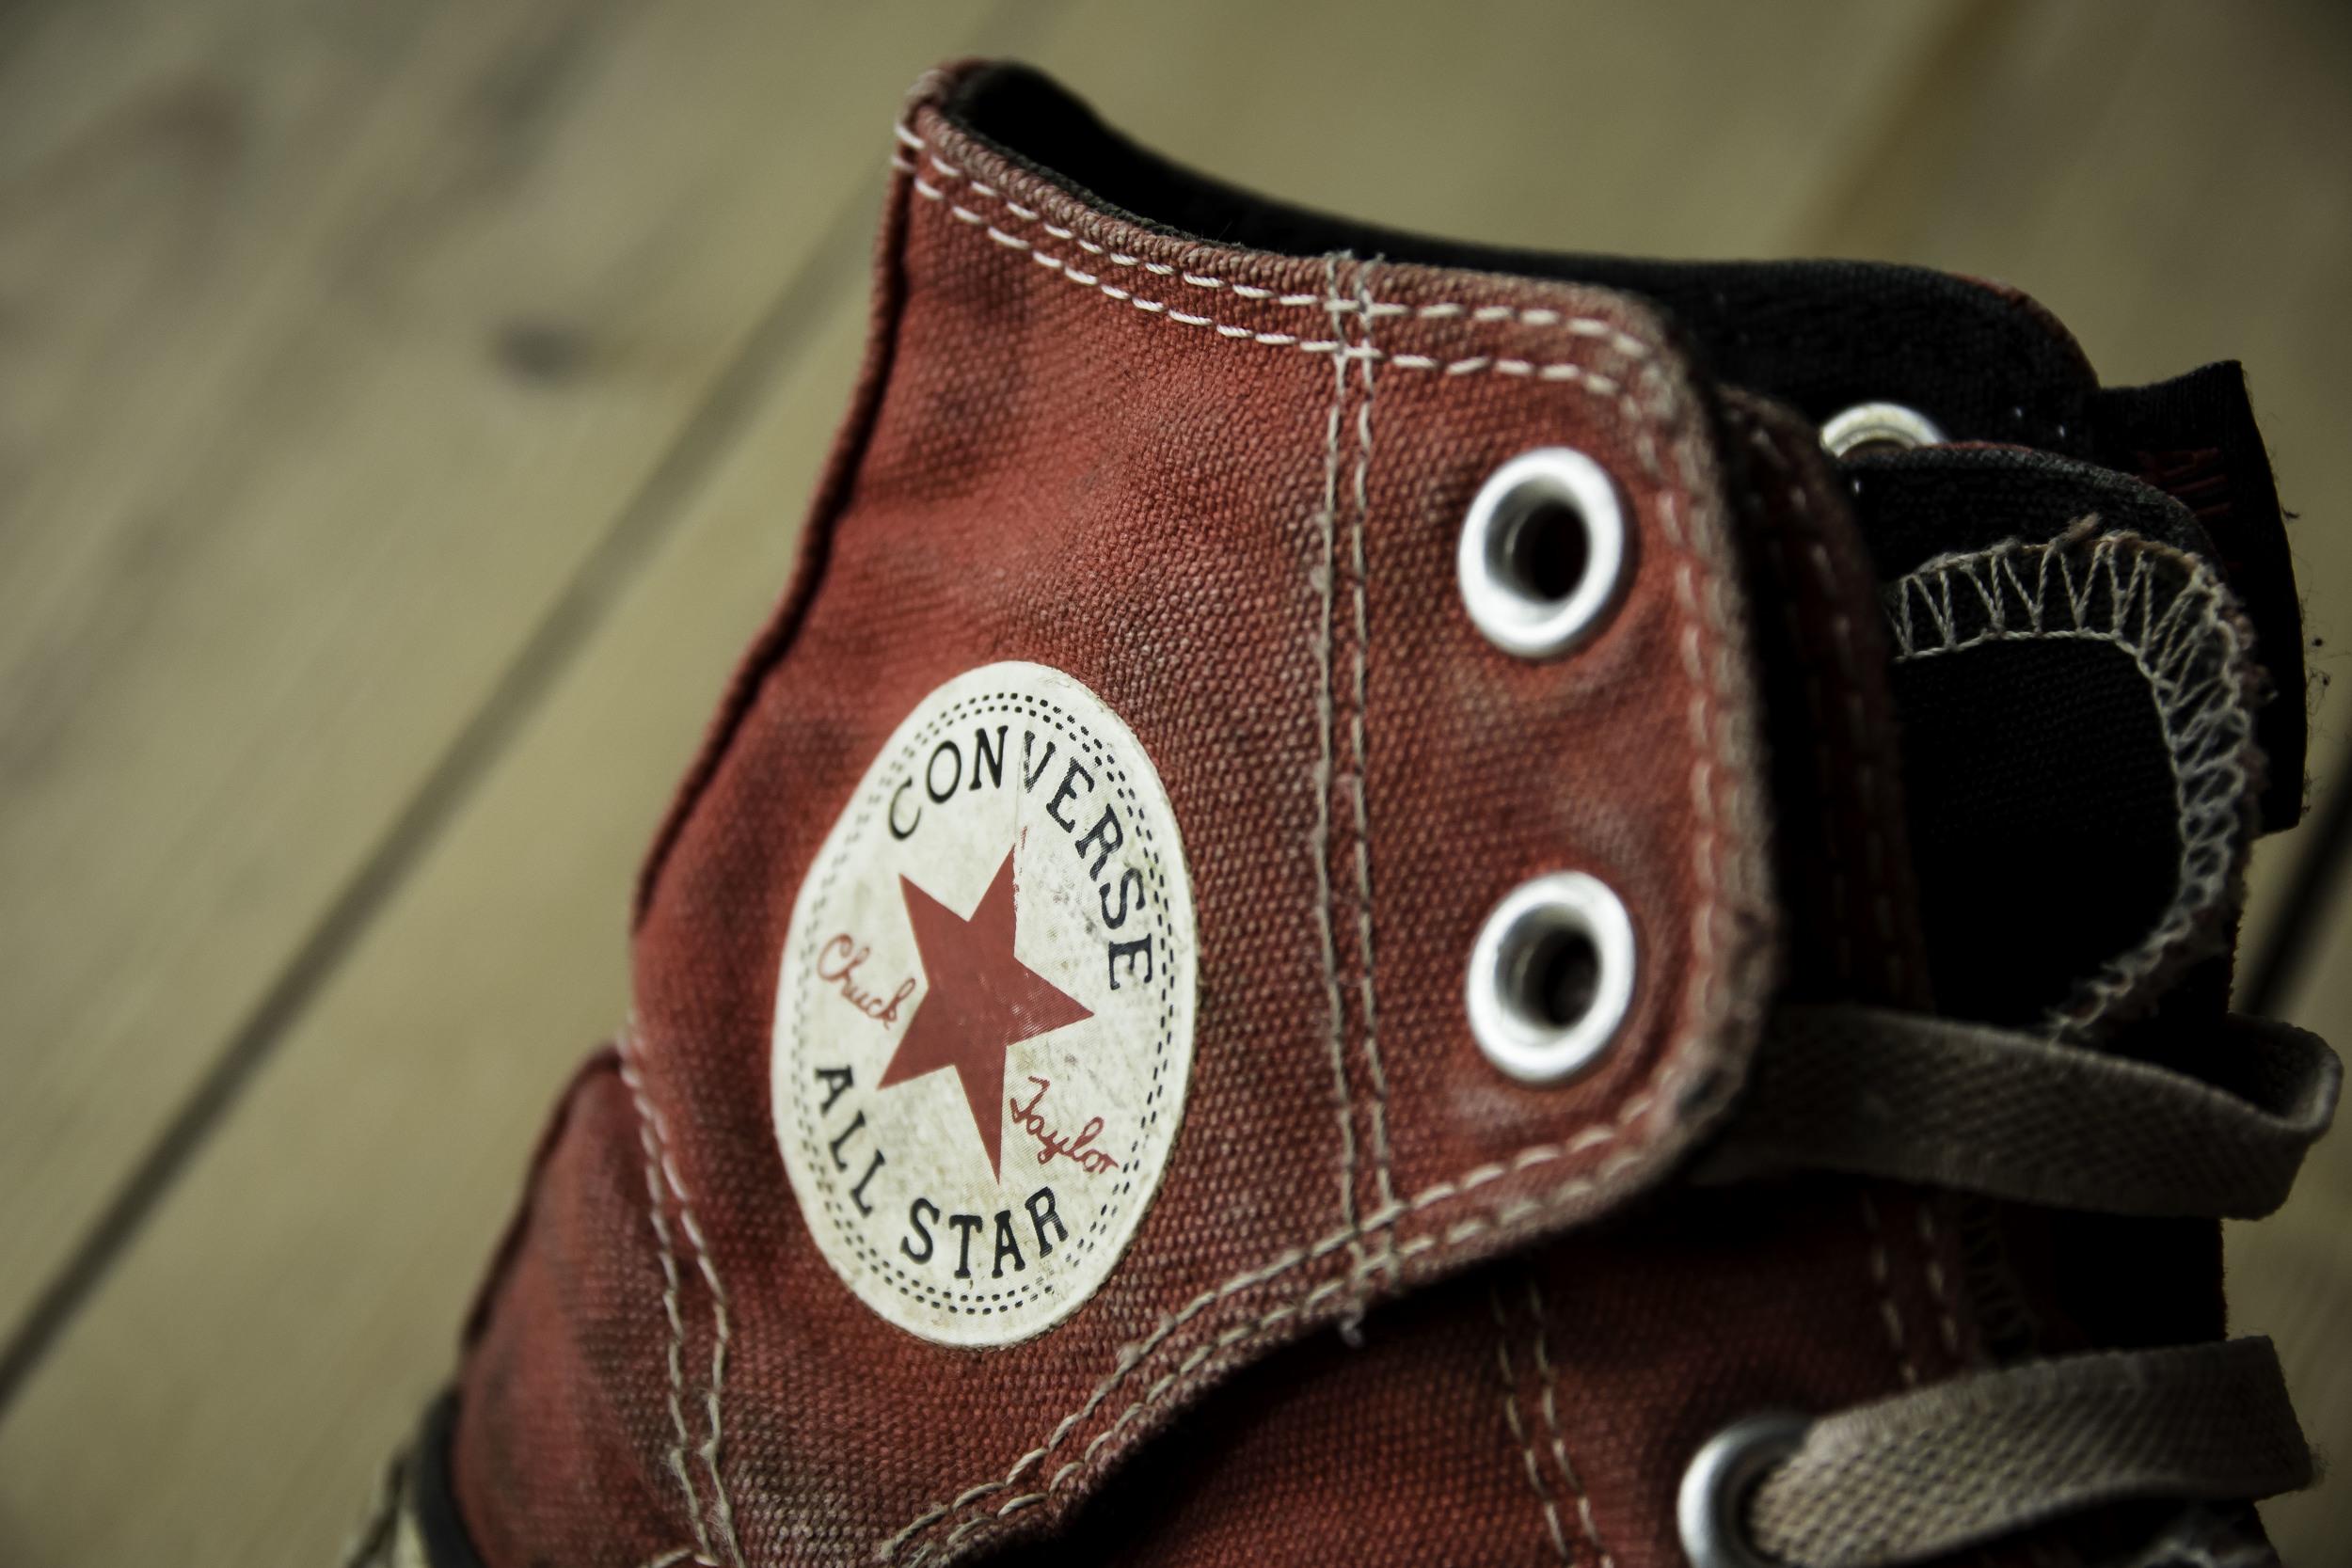 Zelfs een oude sneaker geeft een mooi retro rode kleur.